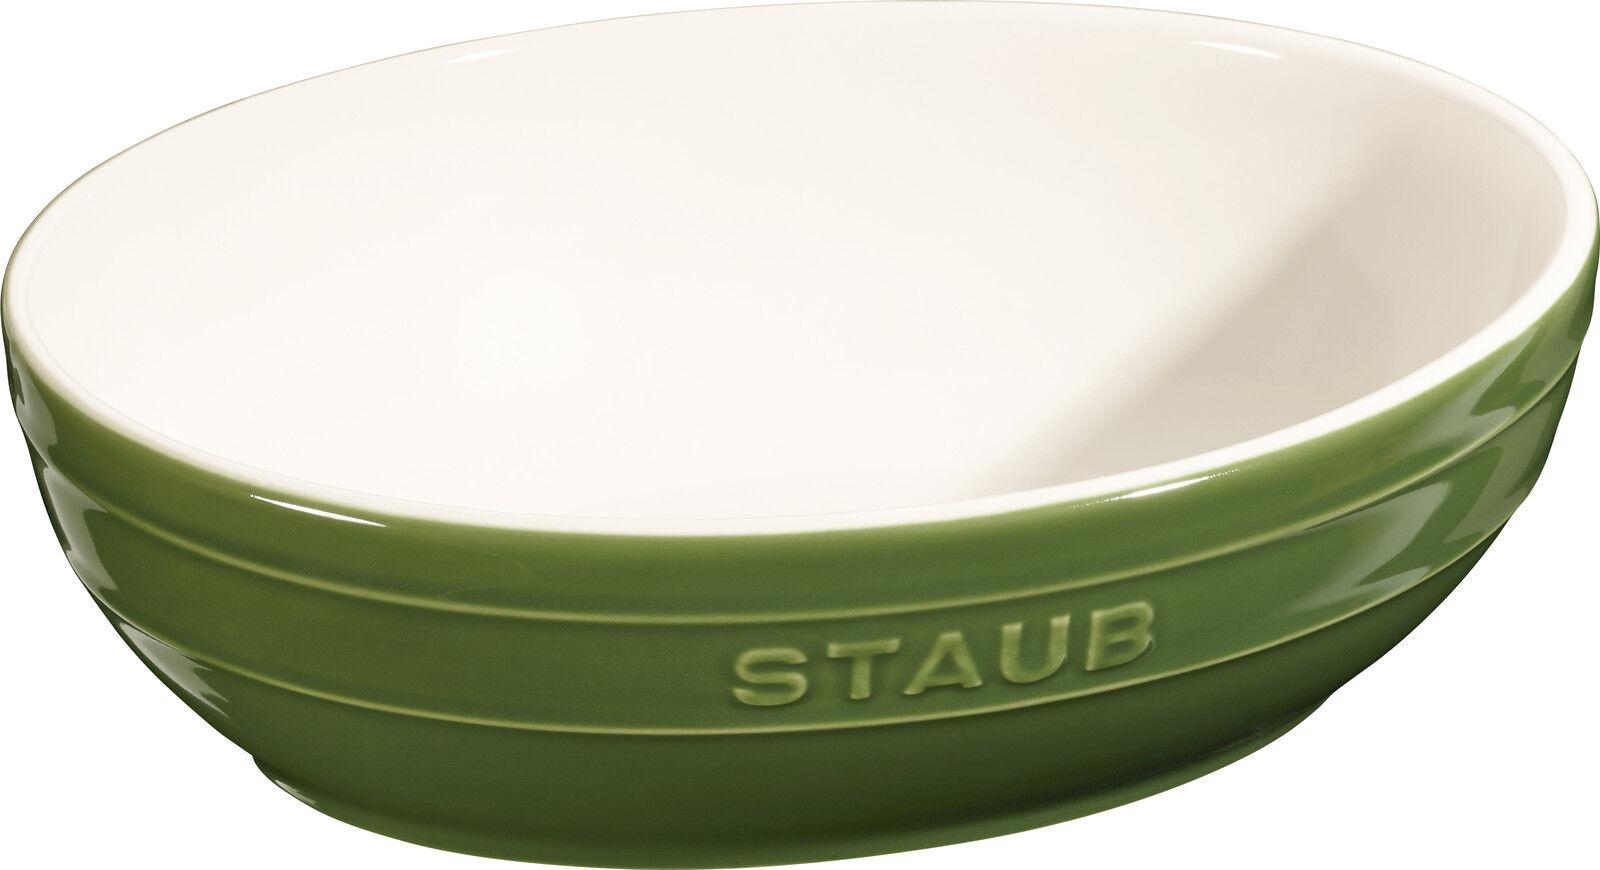 STAUB Céramique Bol Ensemble 2tlg.salatschüssel Coupe de fruits service pour